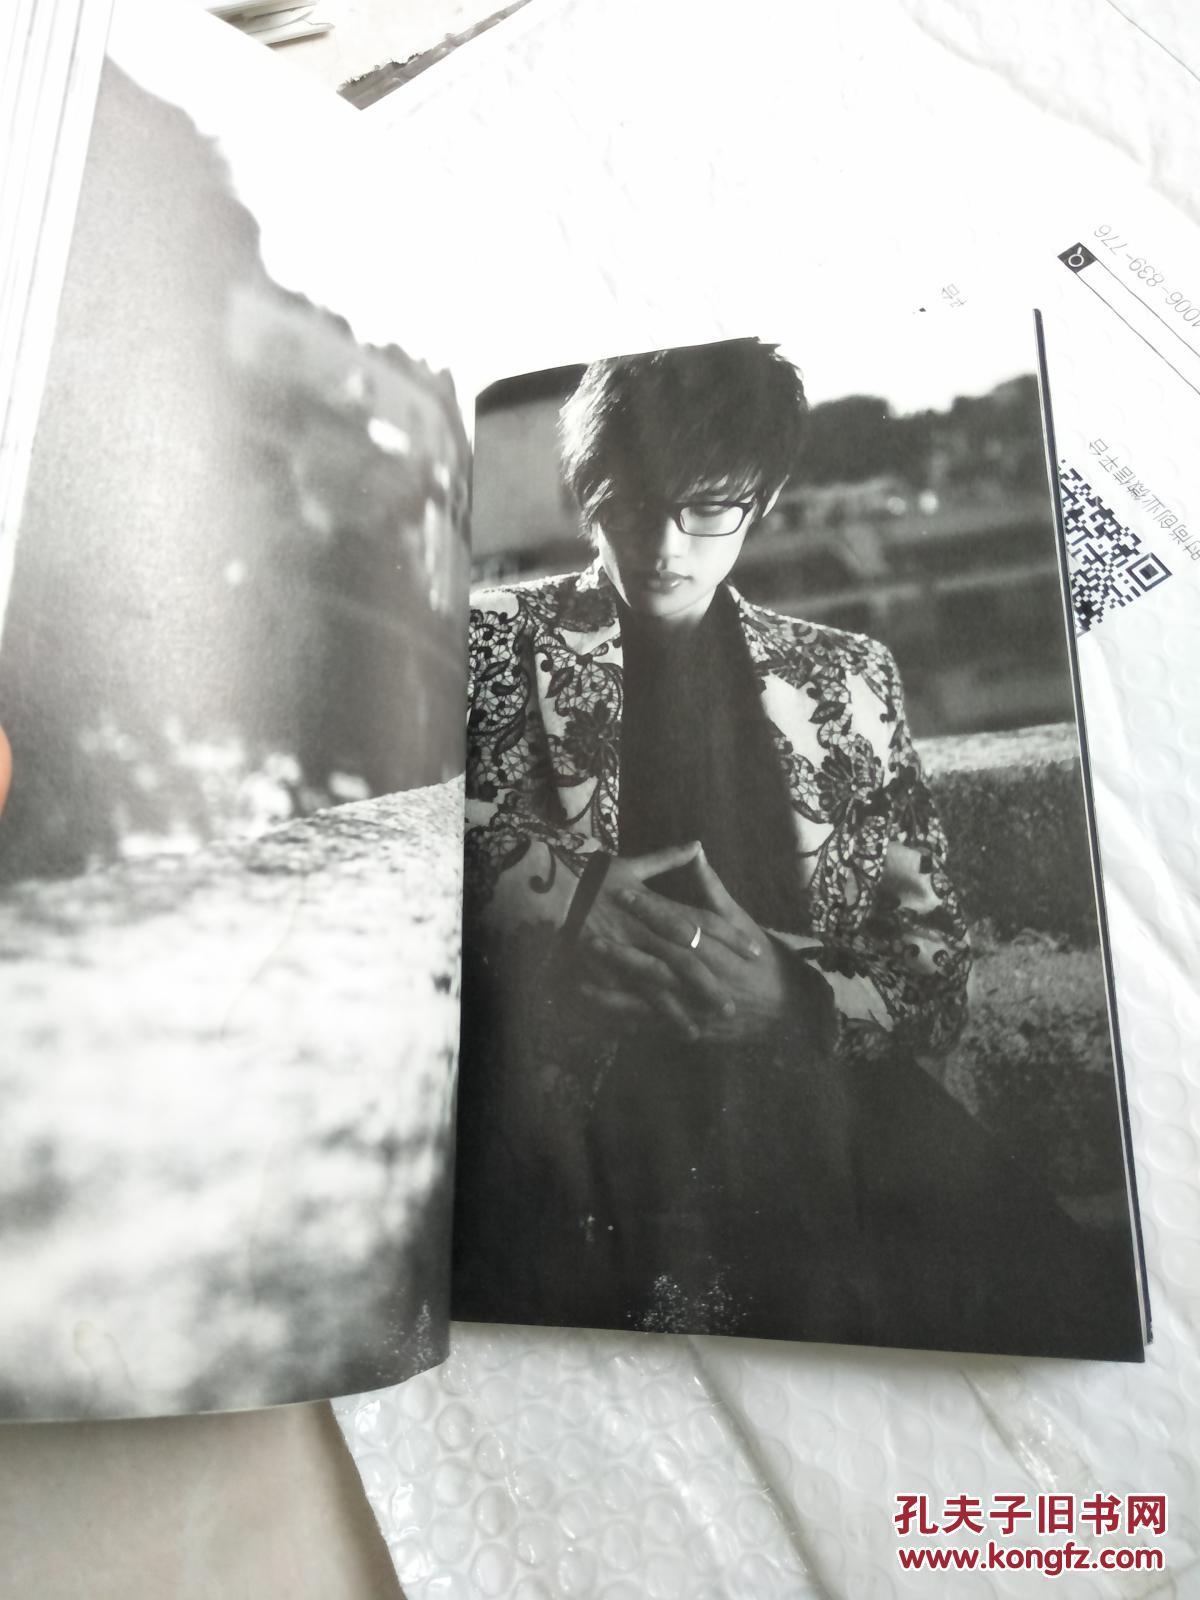 海上灵光 许嵩 写真文集 正版品质彩色印刷